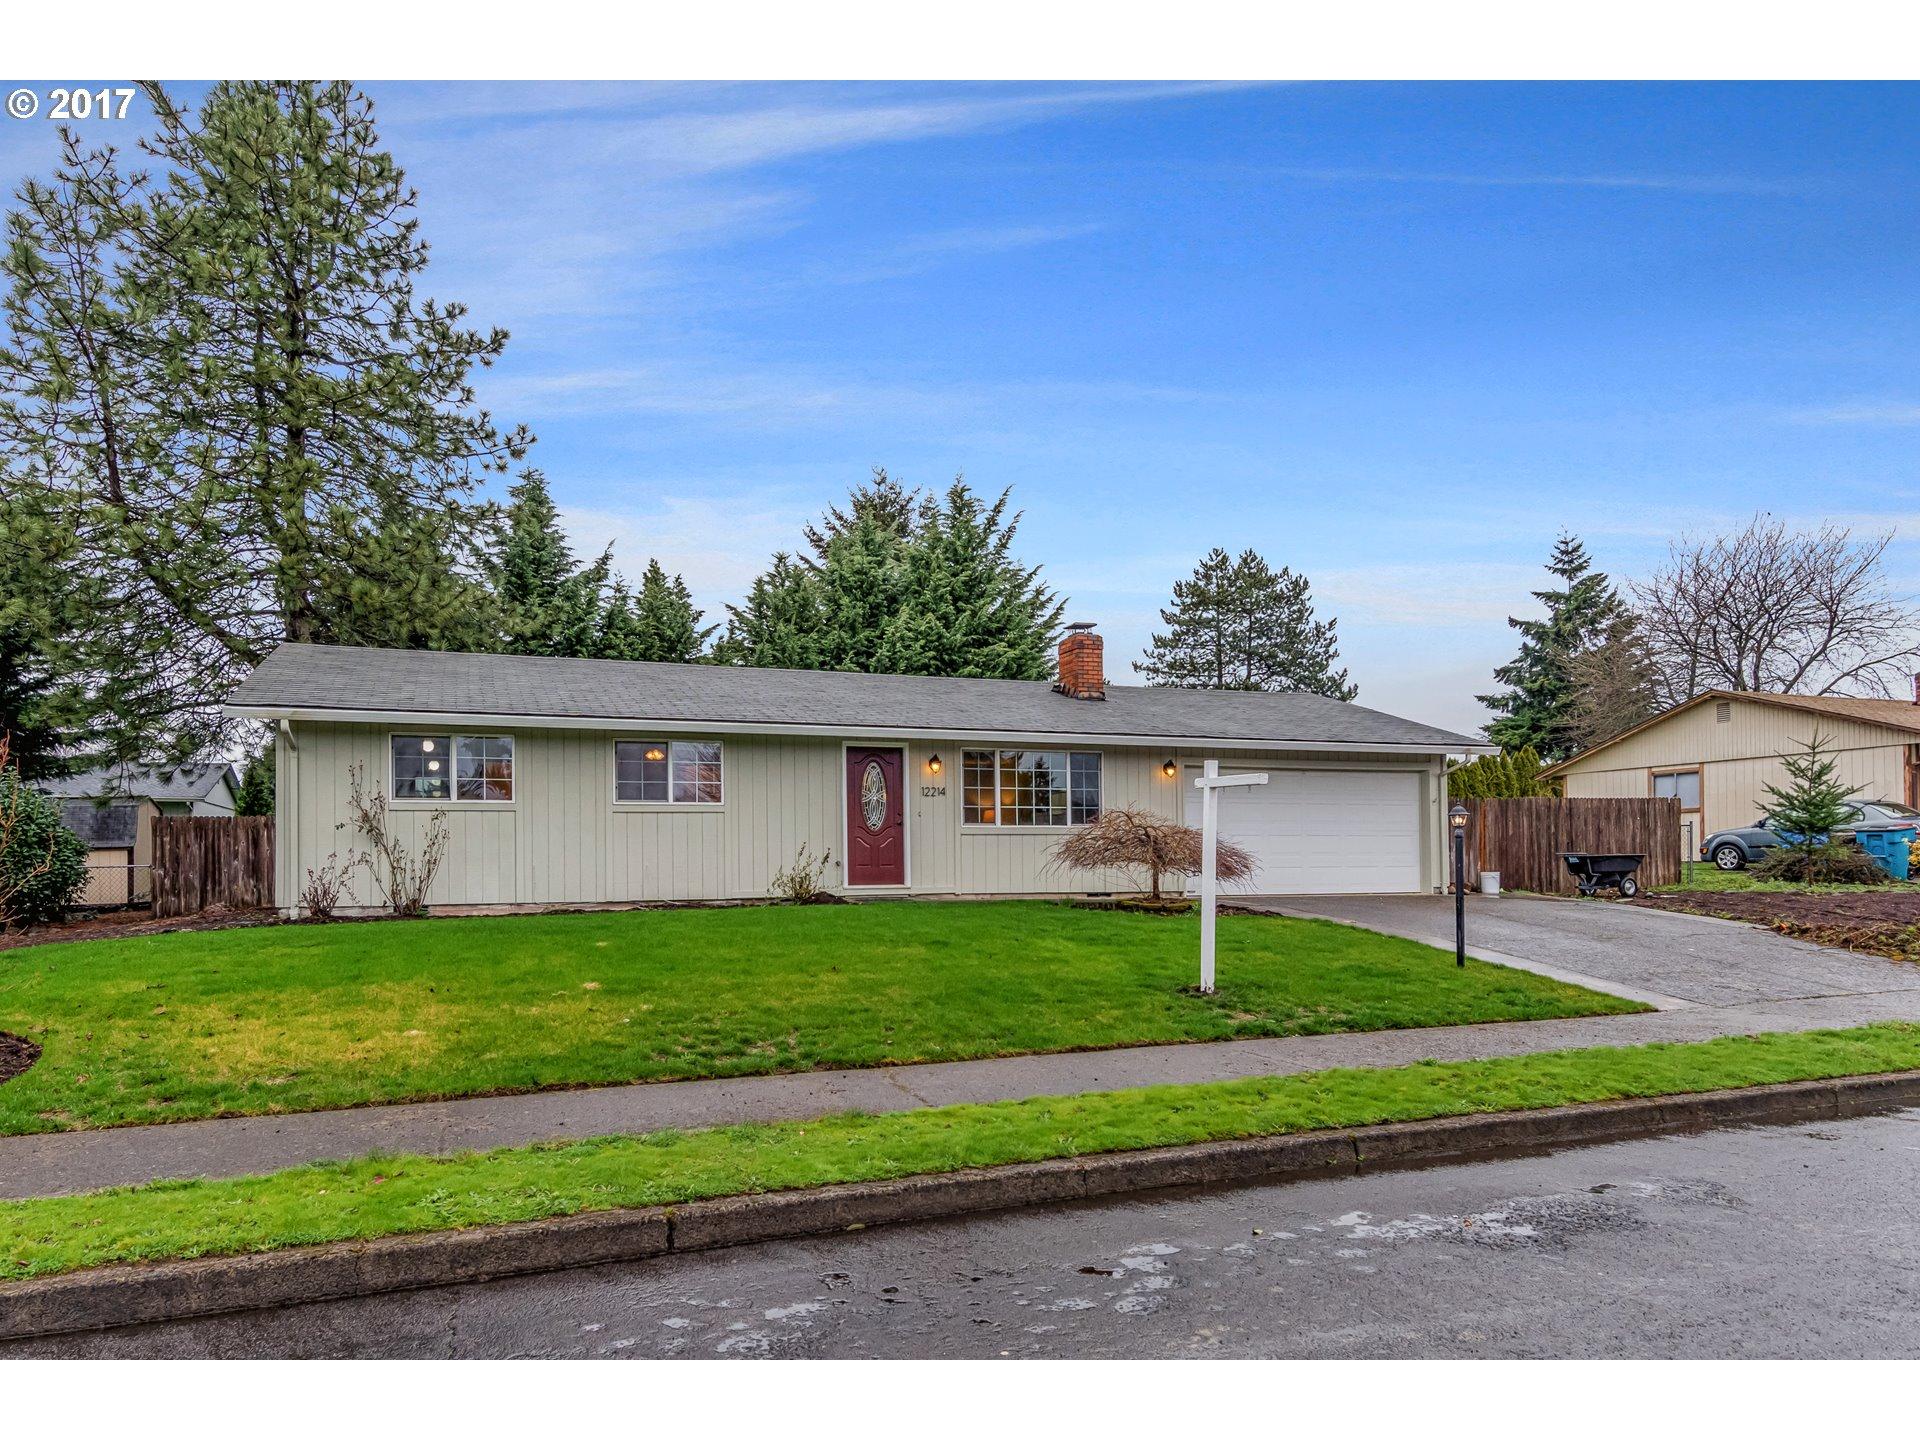 12214 NE 72ND ST, Vancouver, WA 98682